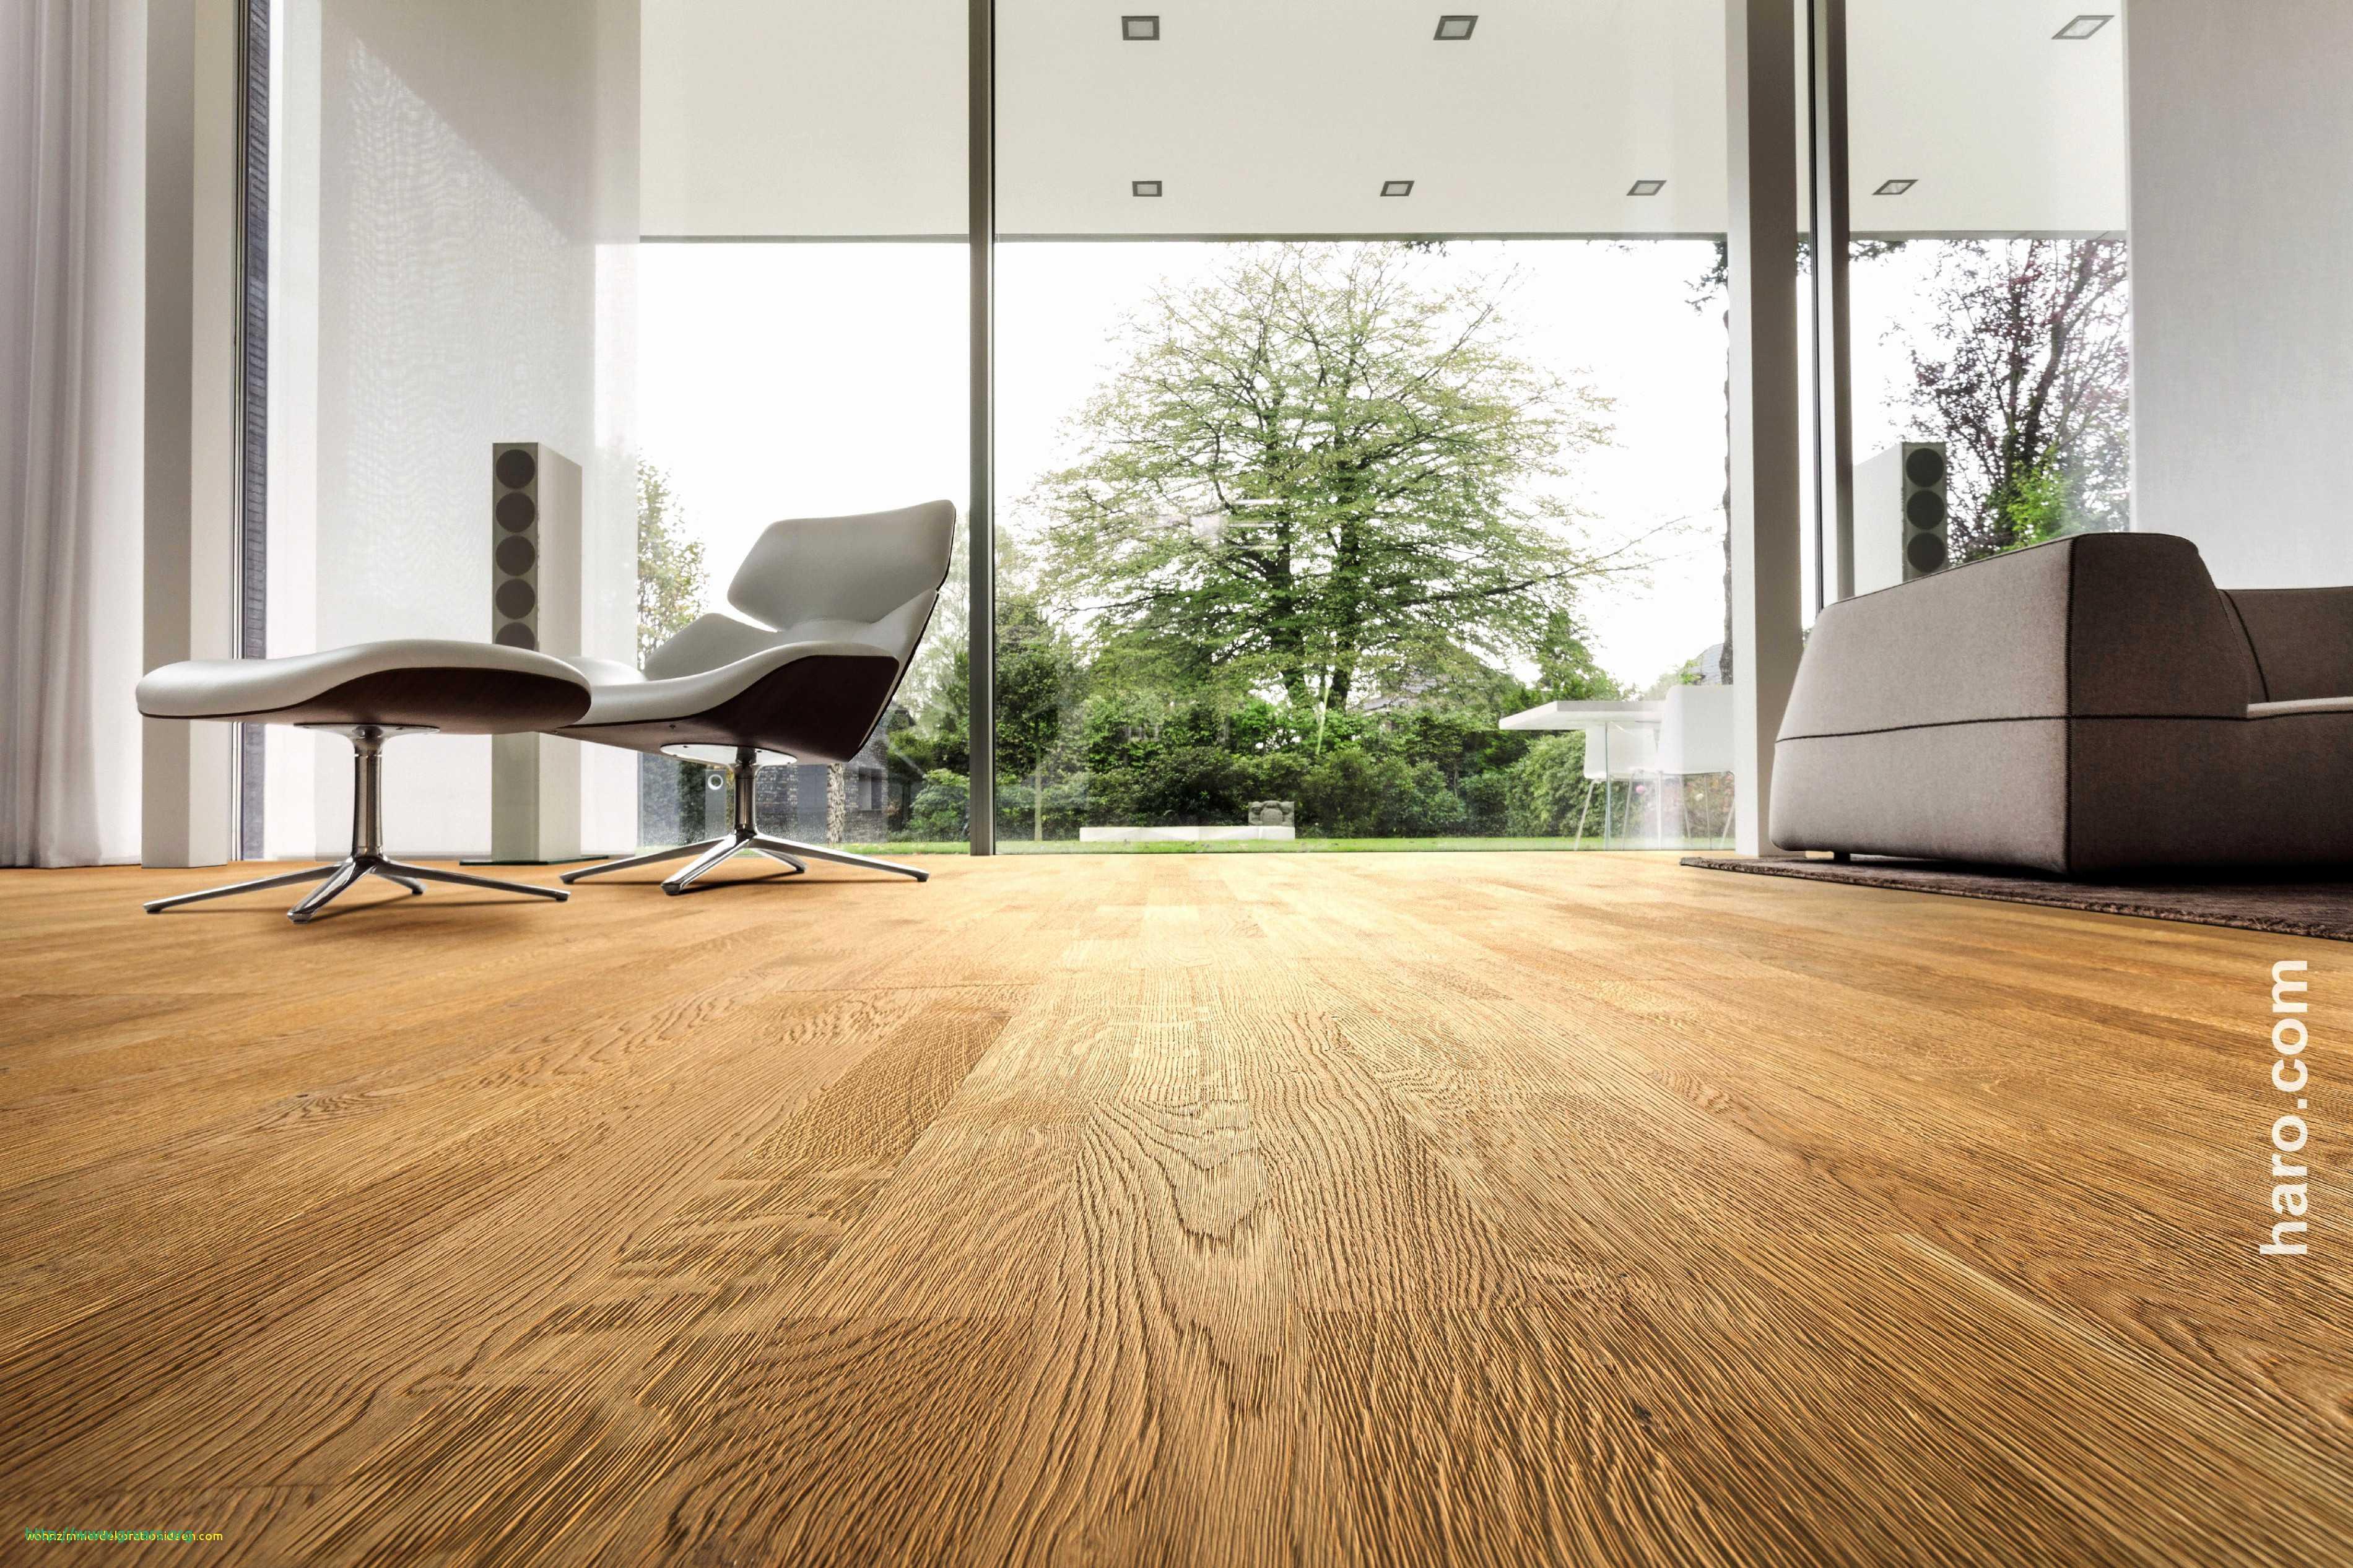 Hardwood Flooring Gumtree Of 15 Luxe Wallnut Floor Ideas Blog Throughout Full Size Of Wohnideen Esstisch Und Scha¶n Zocker Tisch 0d Archives Esstisch Und Scha¶n top